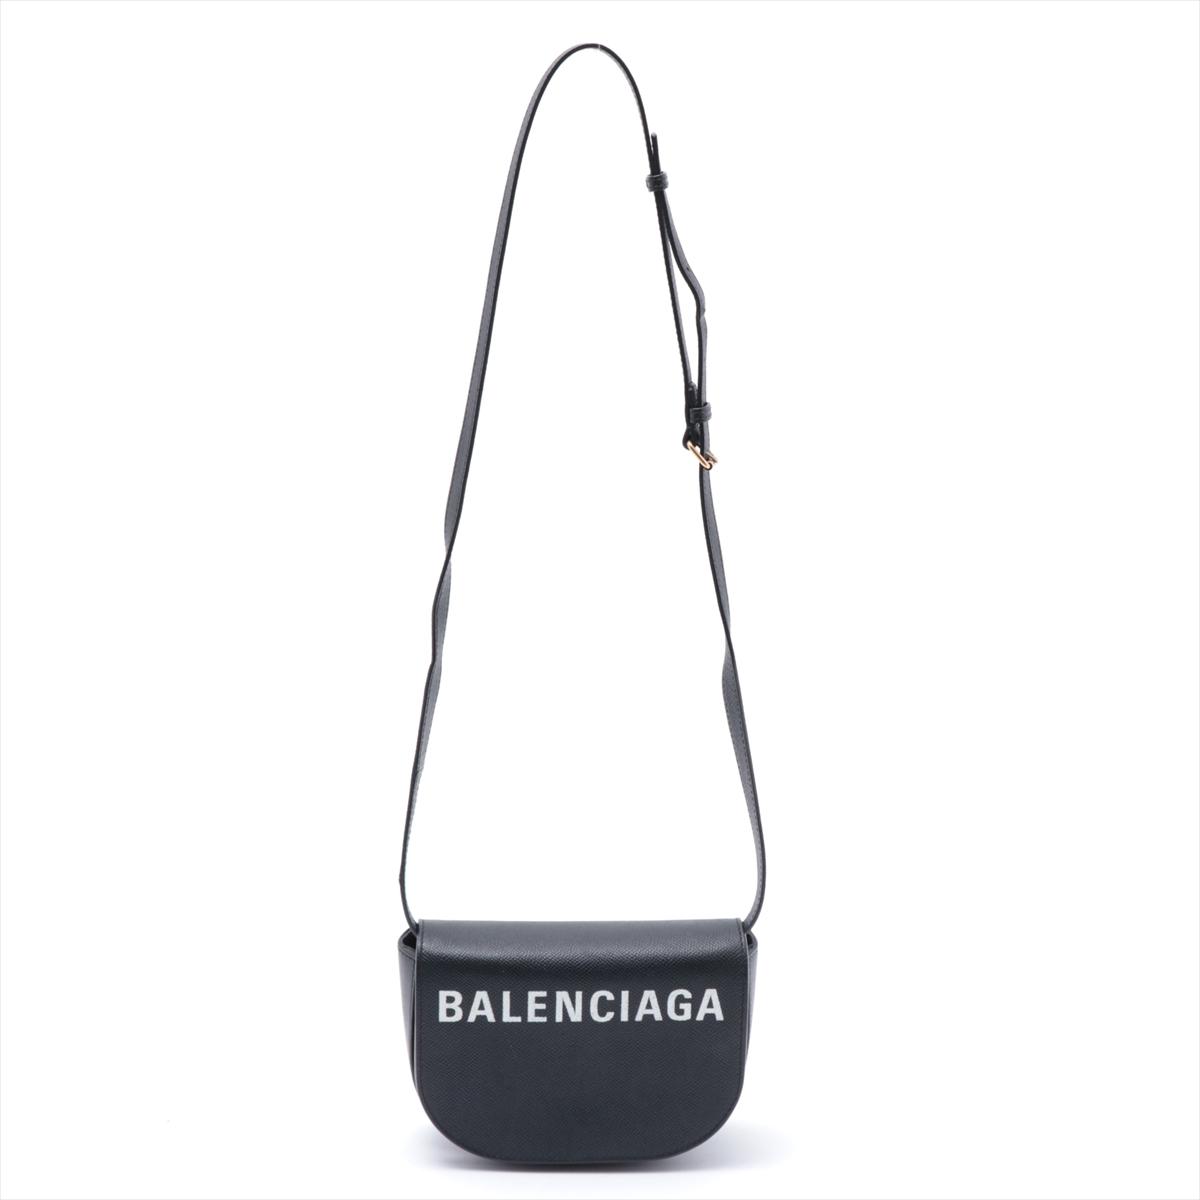 中古 バレンシアガ ヴィルデイバッグ レザー ブラック 日本メーカー新品 割り引き 550639 ショルダーバッグ